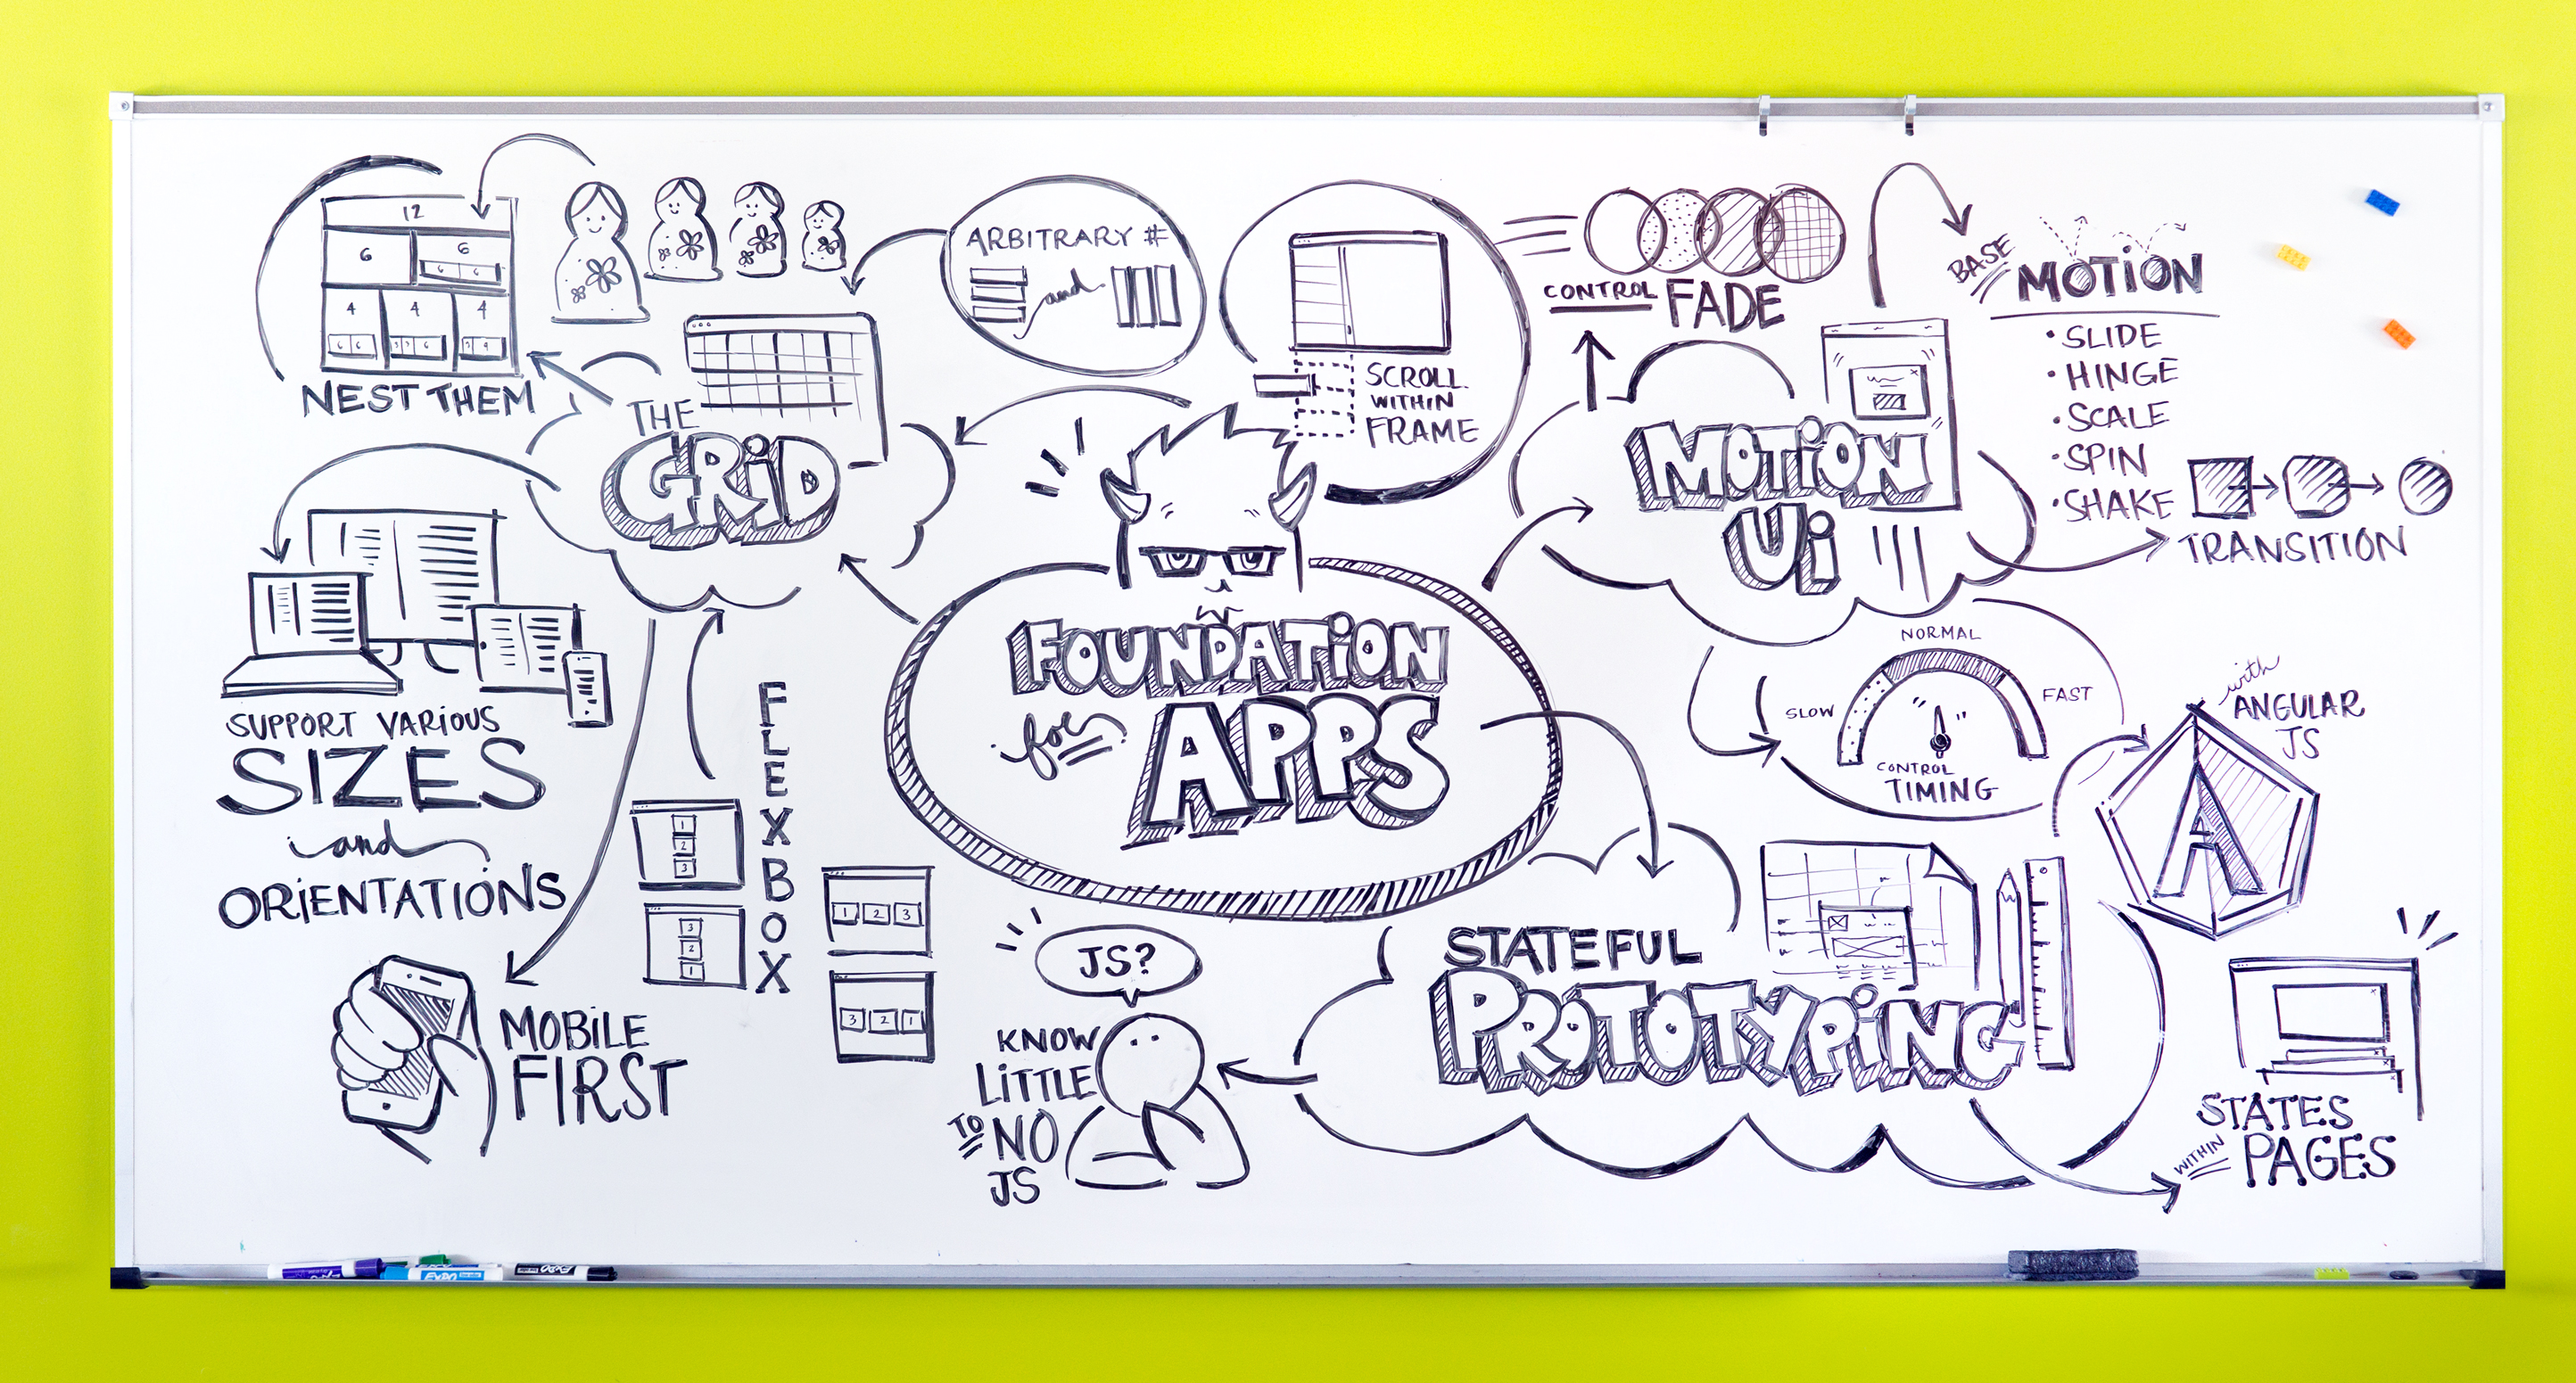 whiteboard image